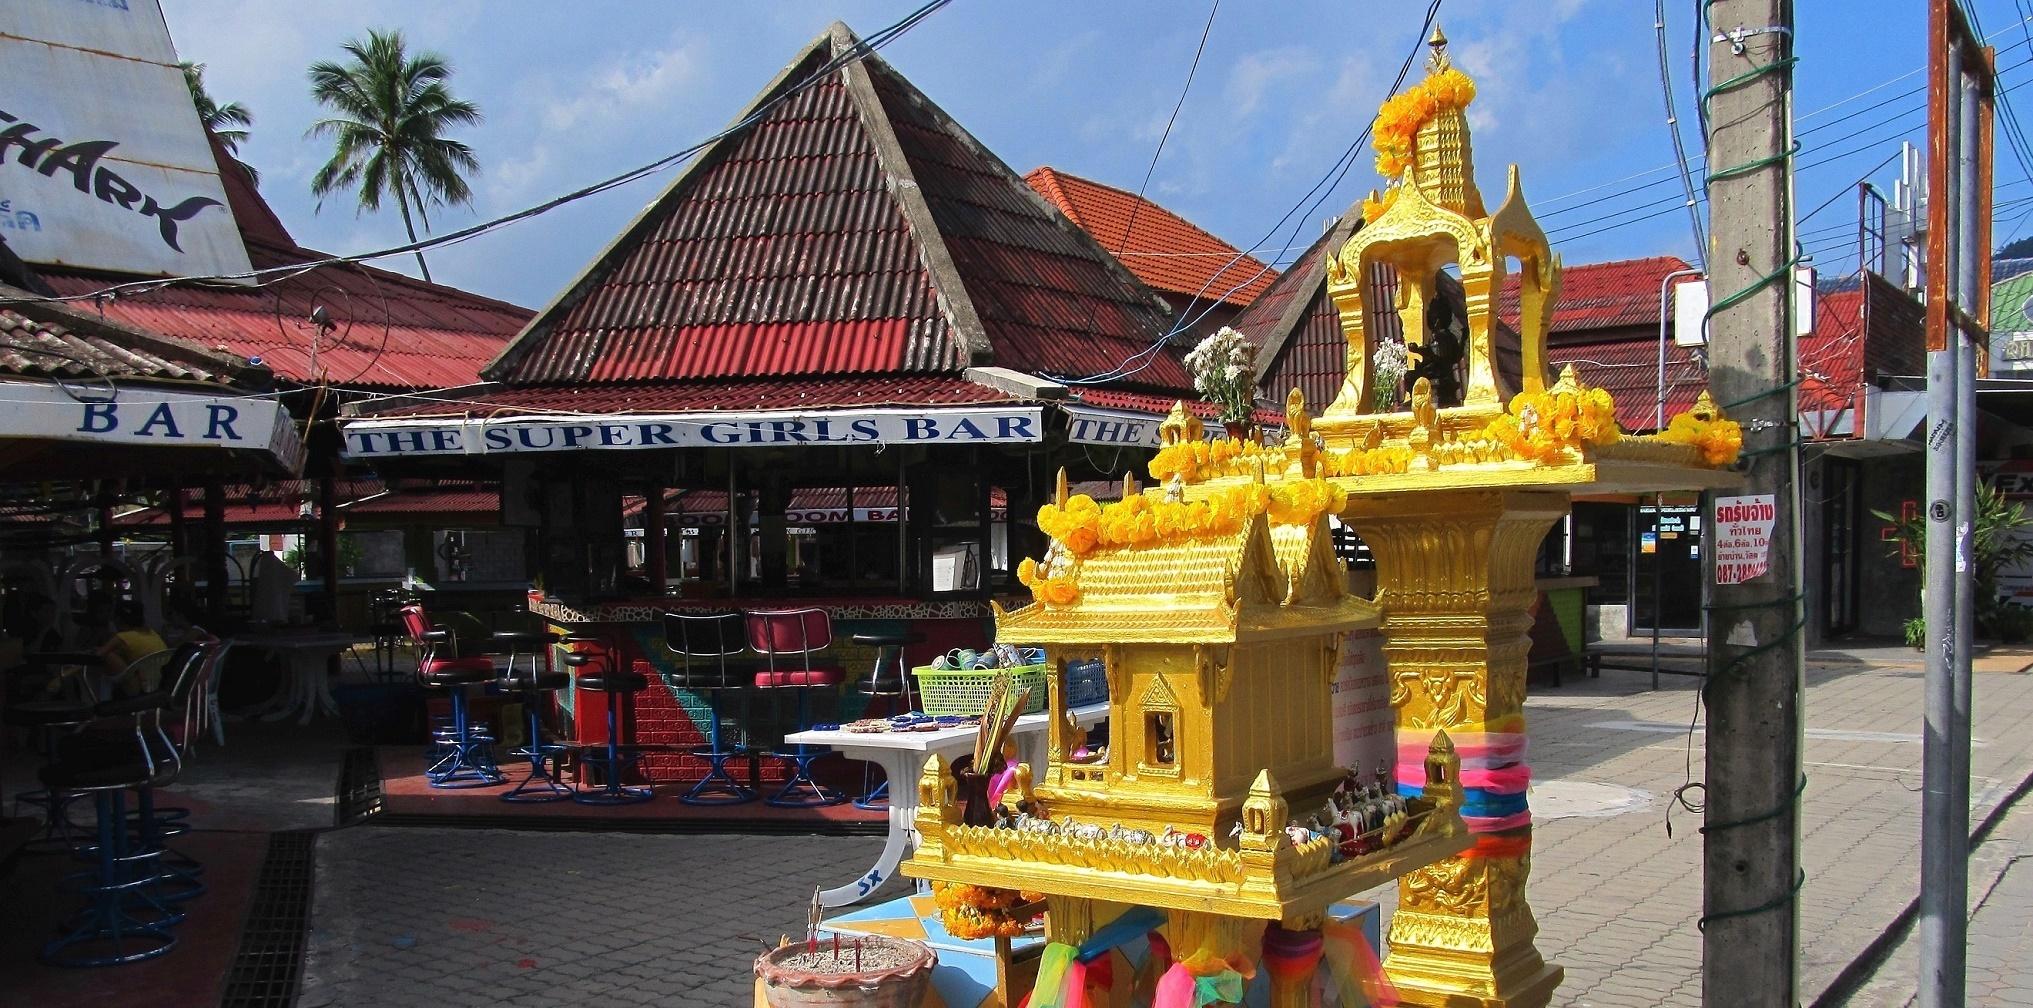 Svatyně Brahmy patřící k barům - Lamai - Ko Samui - Thajsko